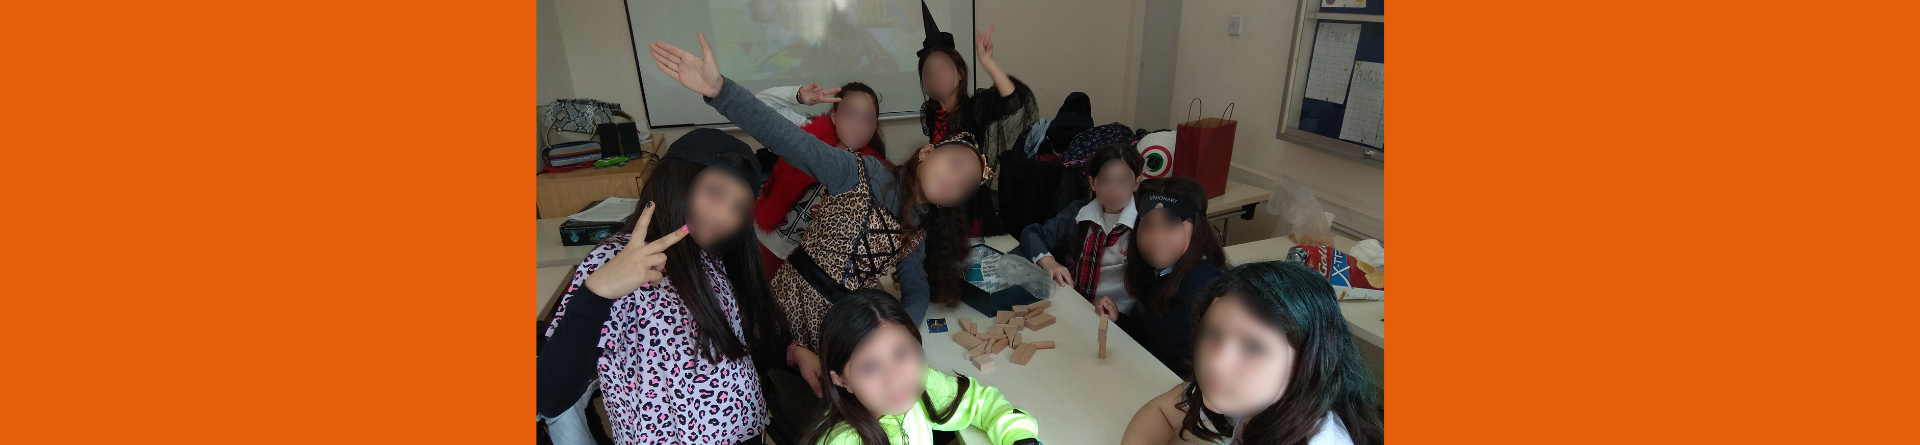 Αποκριάτικη Γιορτή στο Ιδιωτικό Φροντιστήριο KES School of Languages